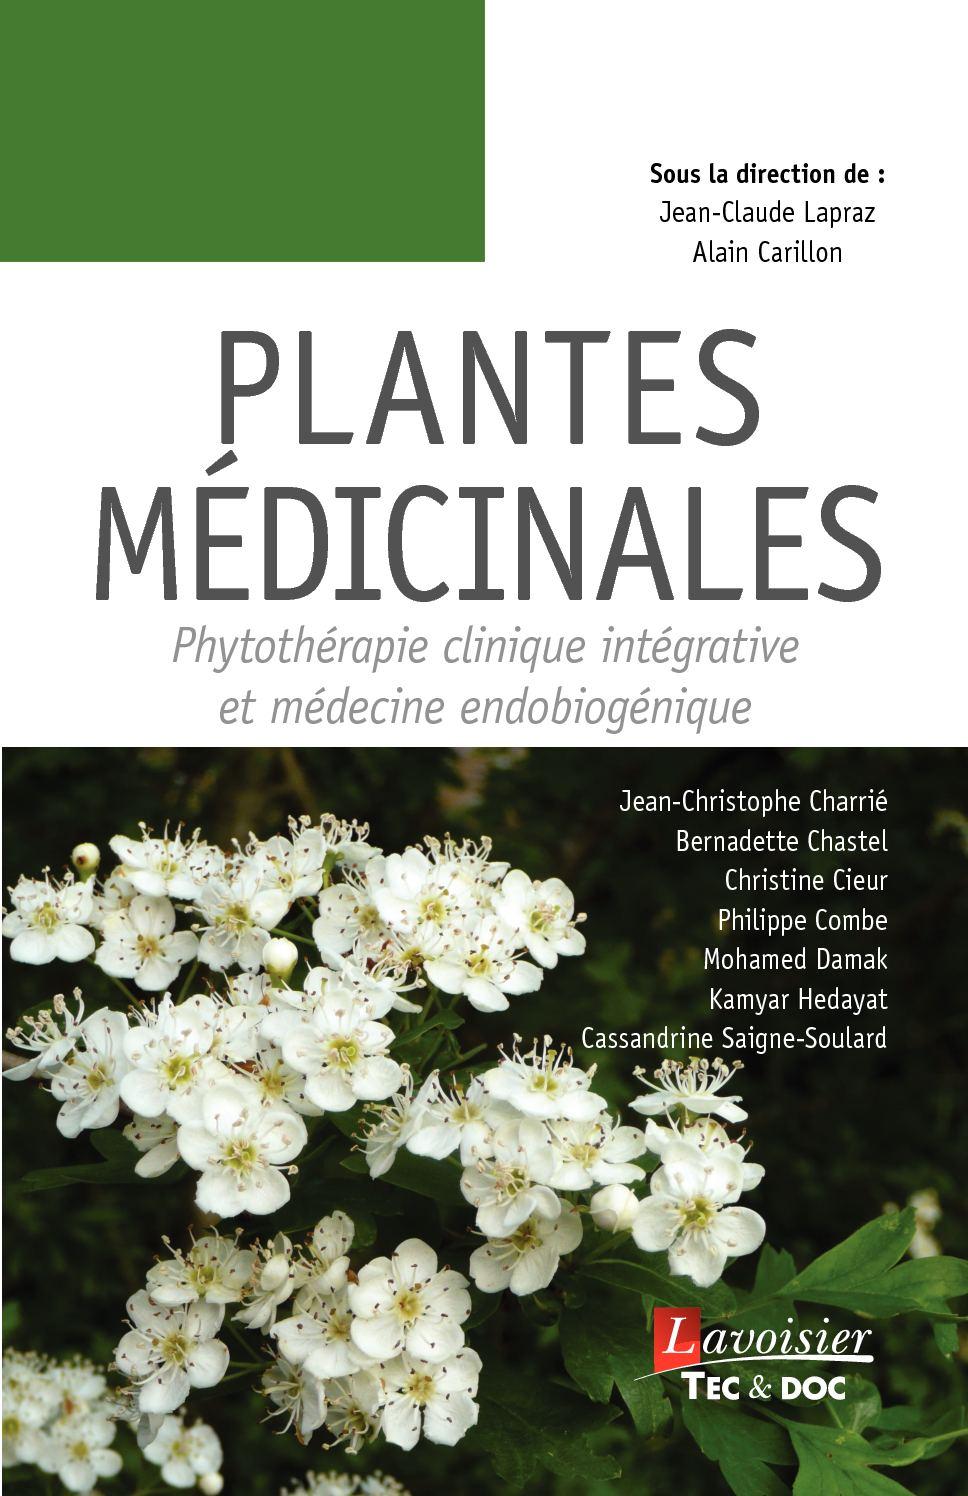 Plantes médicinales : Phytothérapie clinique intégrative et médecine endobiogénique - Auteur : CHARRIÉ Jean-Christophe - Coordonnateurs : LAPRAZ Jean-Claude, CARILLON Alain_ Pages liminaires